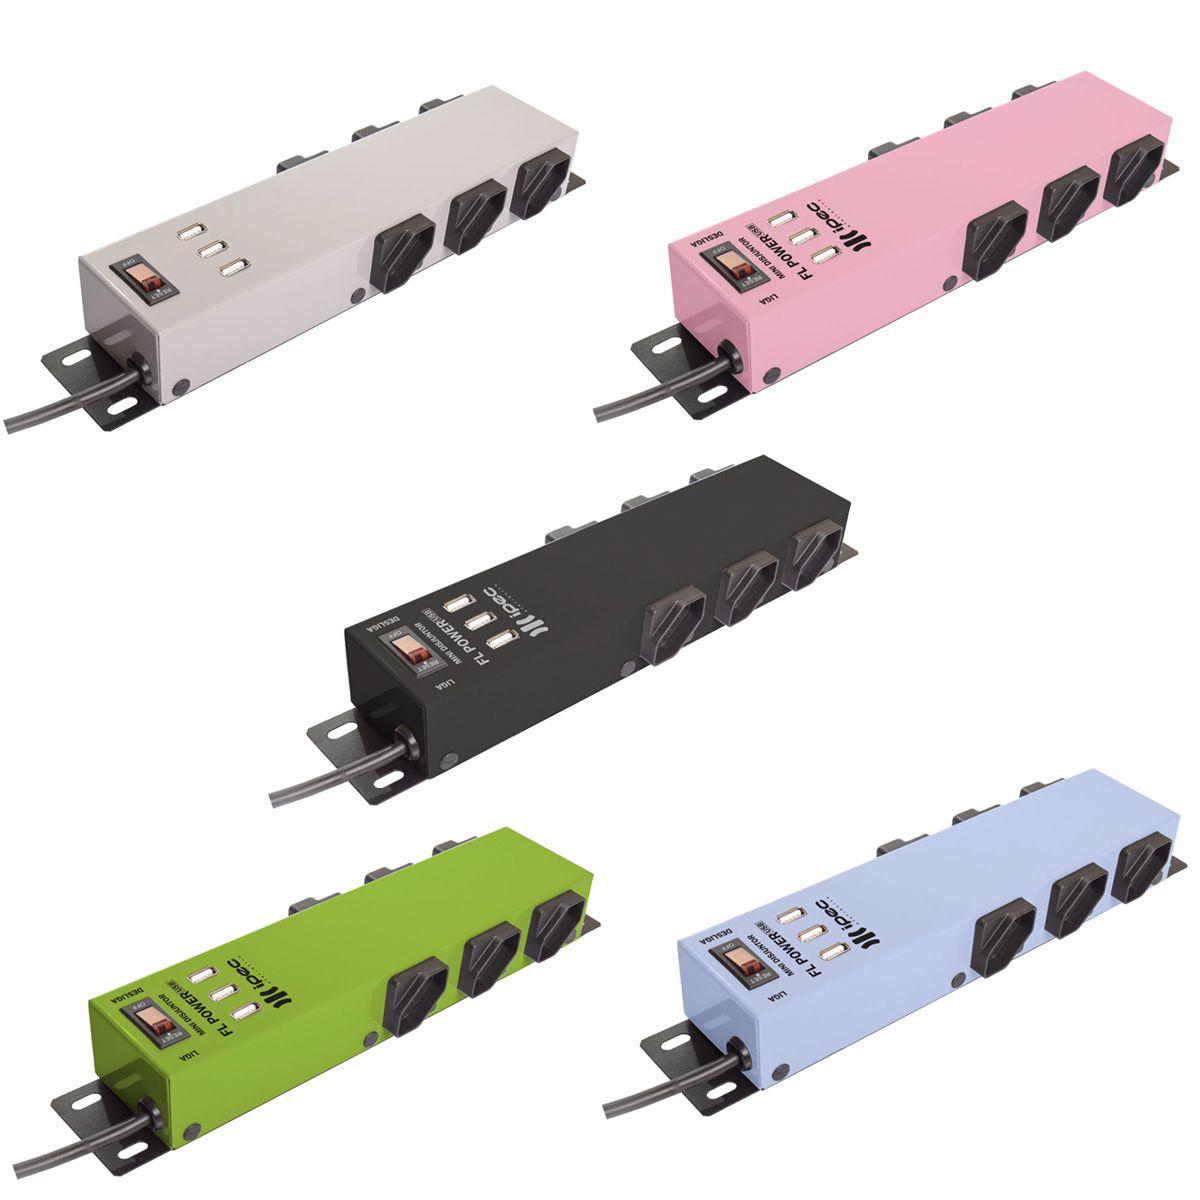 Filtro Linha Metálico  6 Tomadas FL Power Com 3 Entrada USB  IPEC  - EMPORIO K